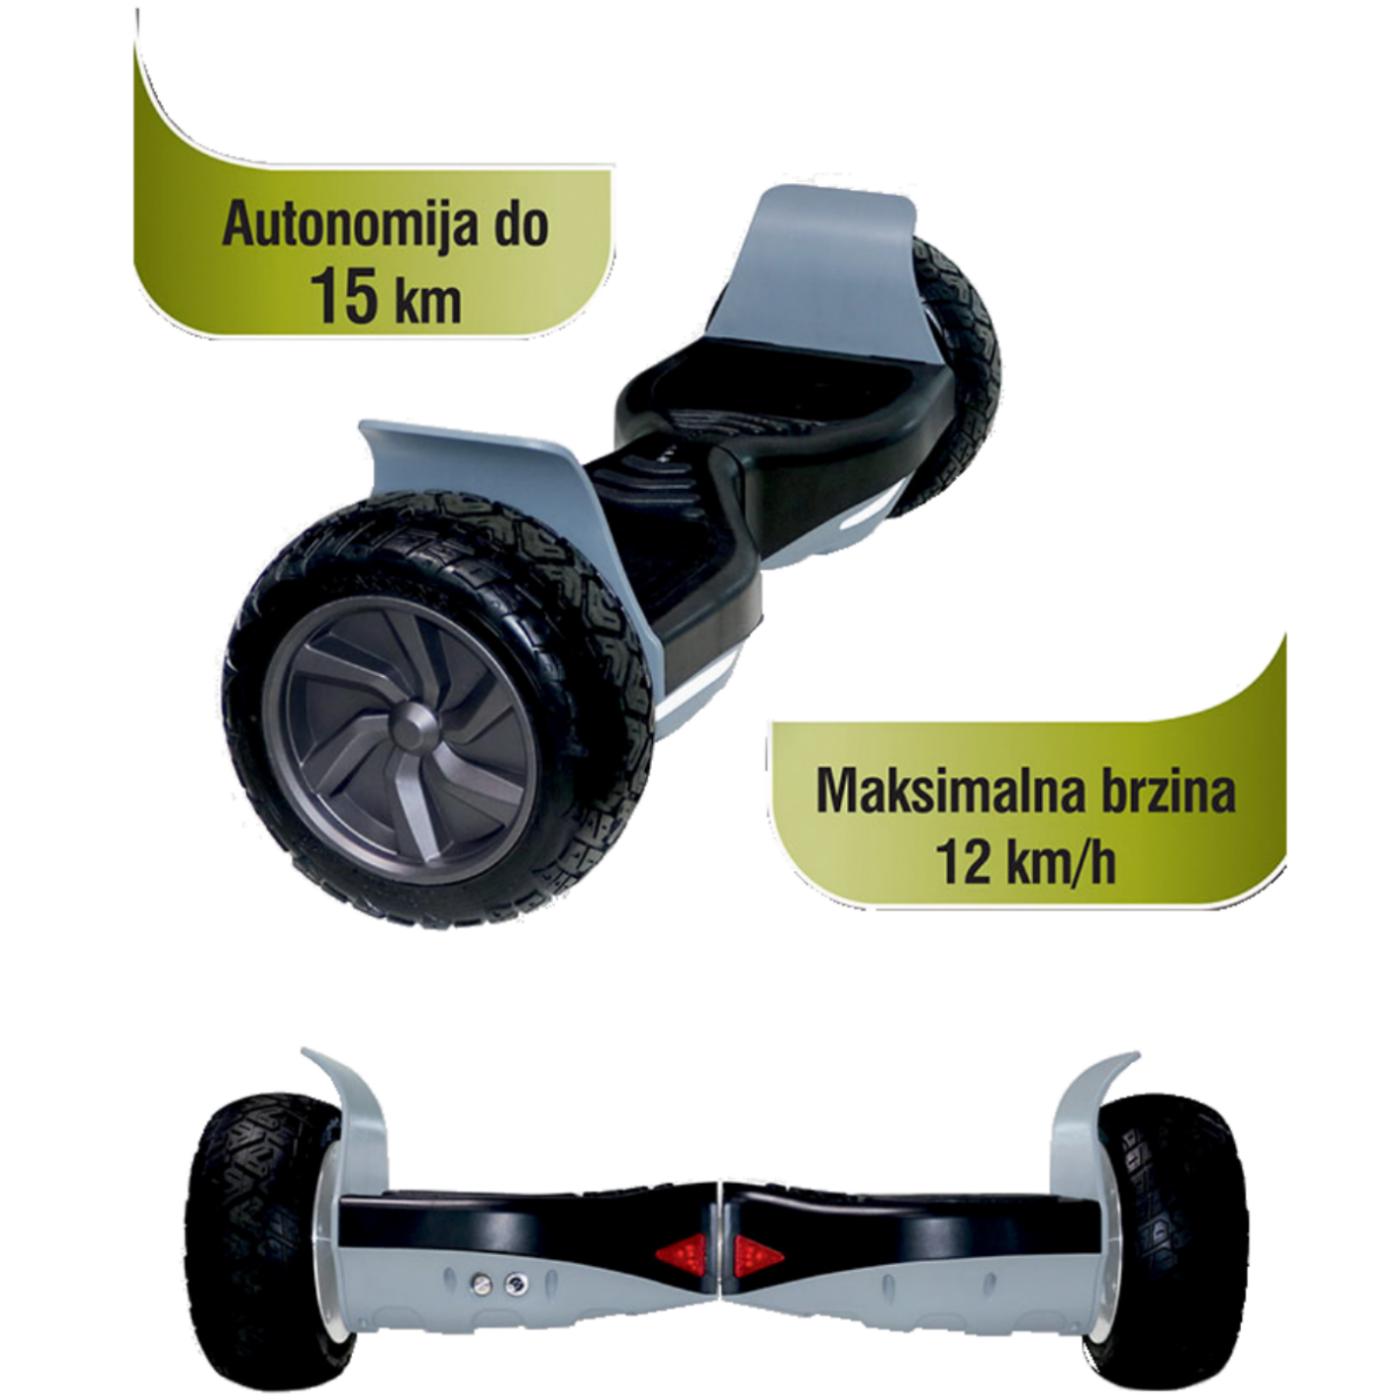 hoverboard elektri ni 20 cm kota i 12km h meanit. Black Bedroom Furniture Sets. Home Design Ideas